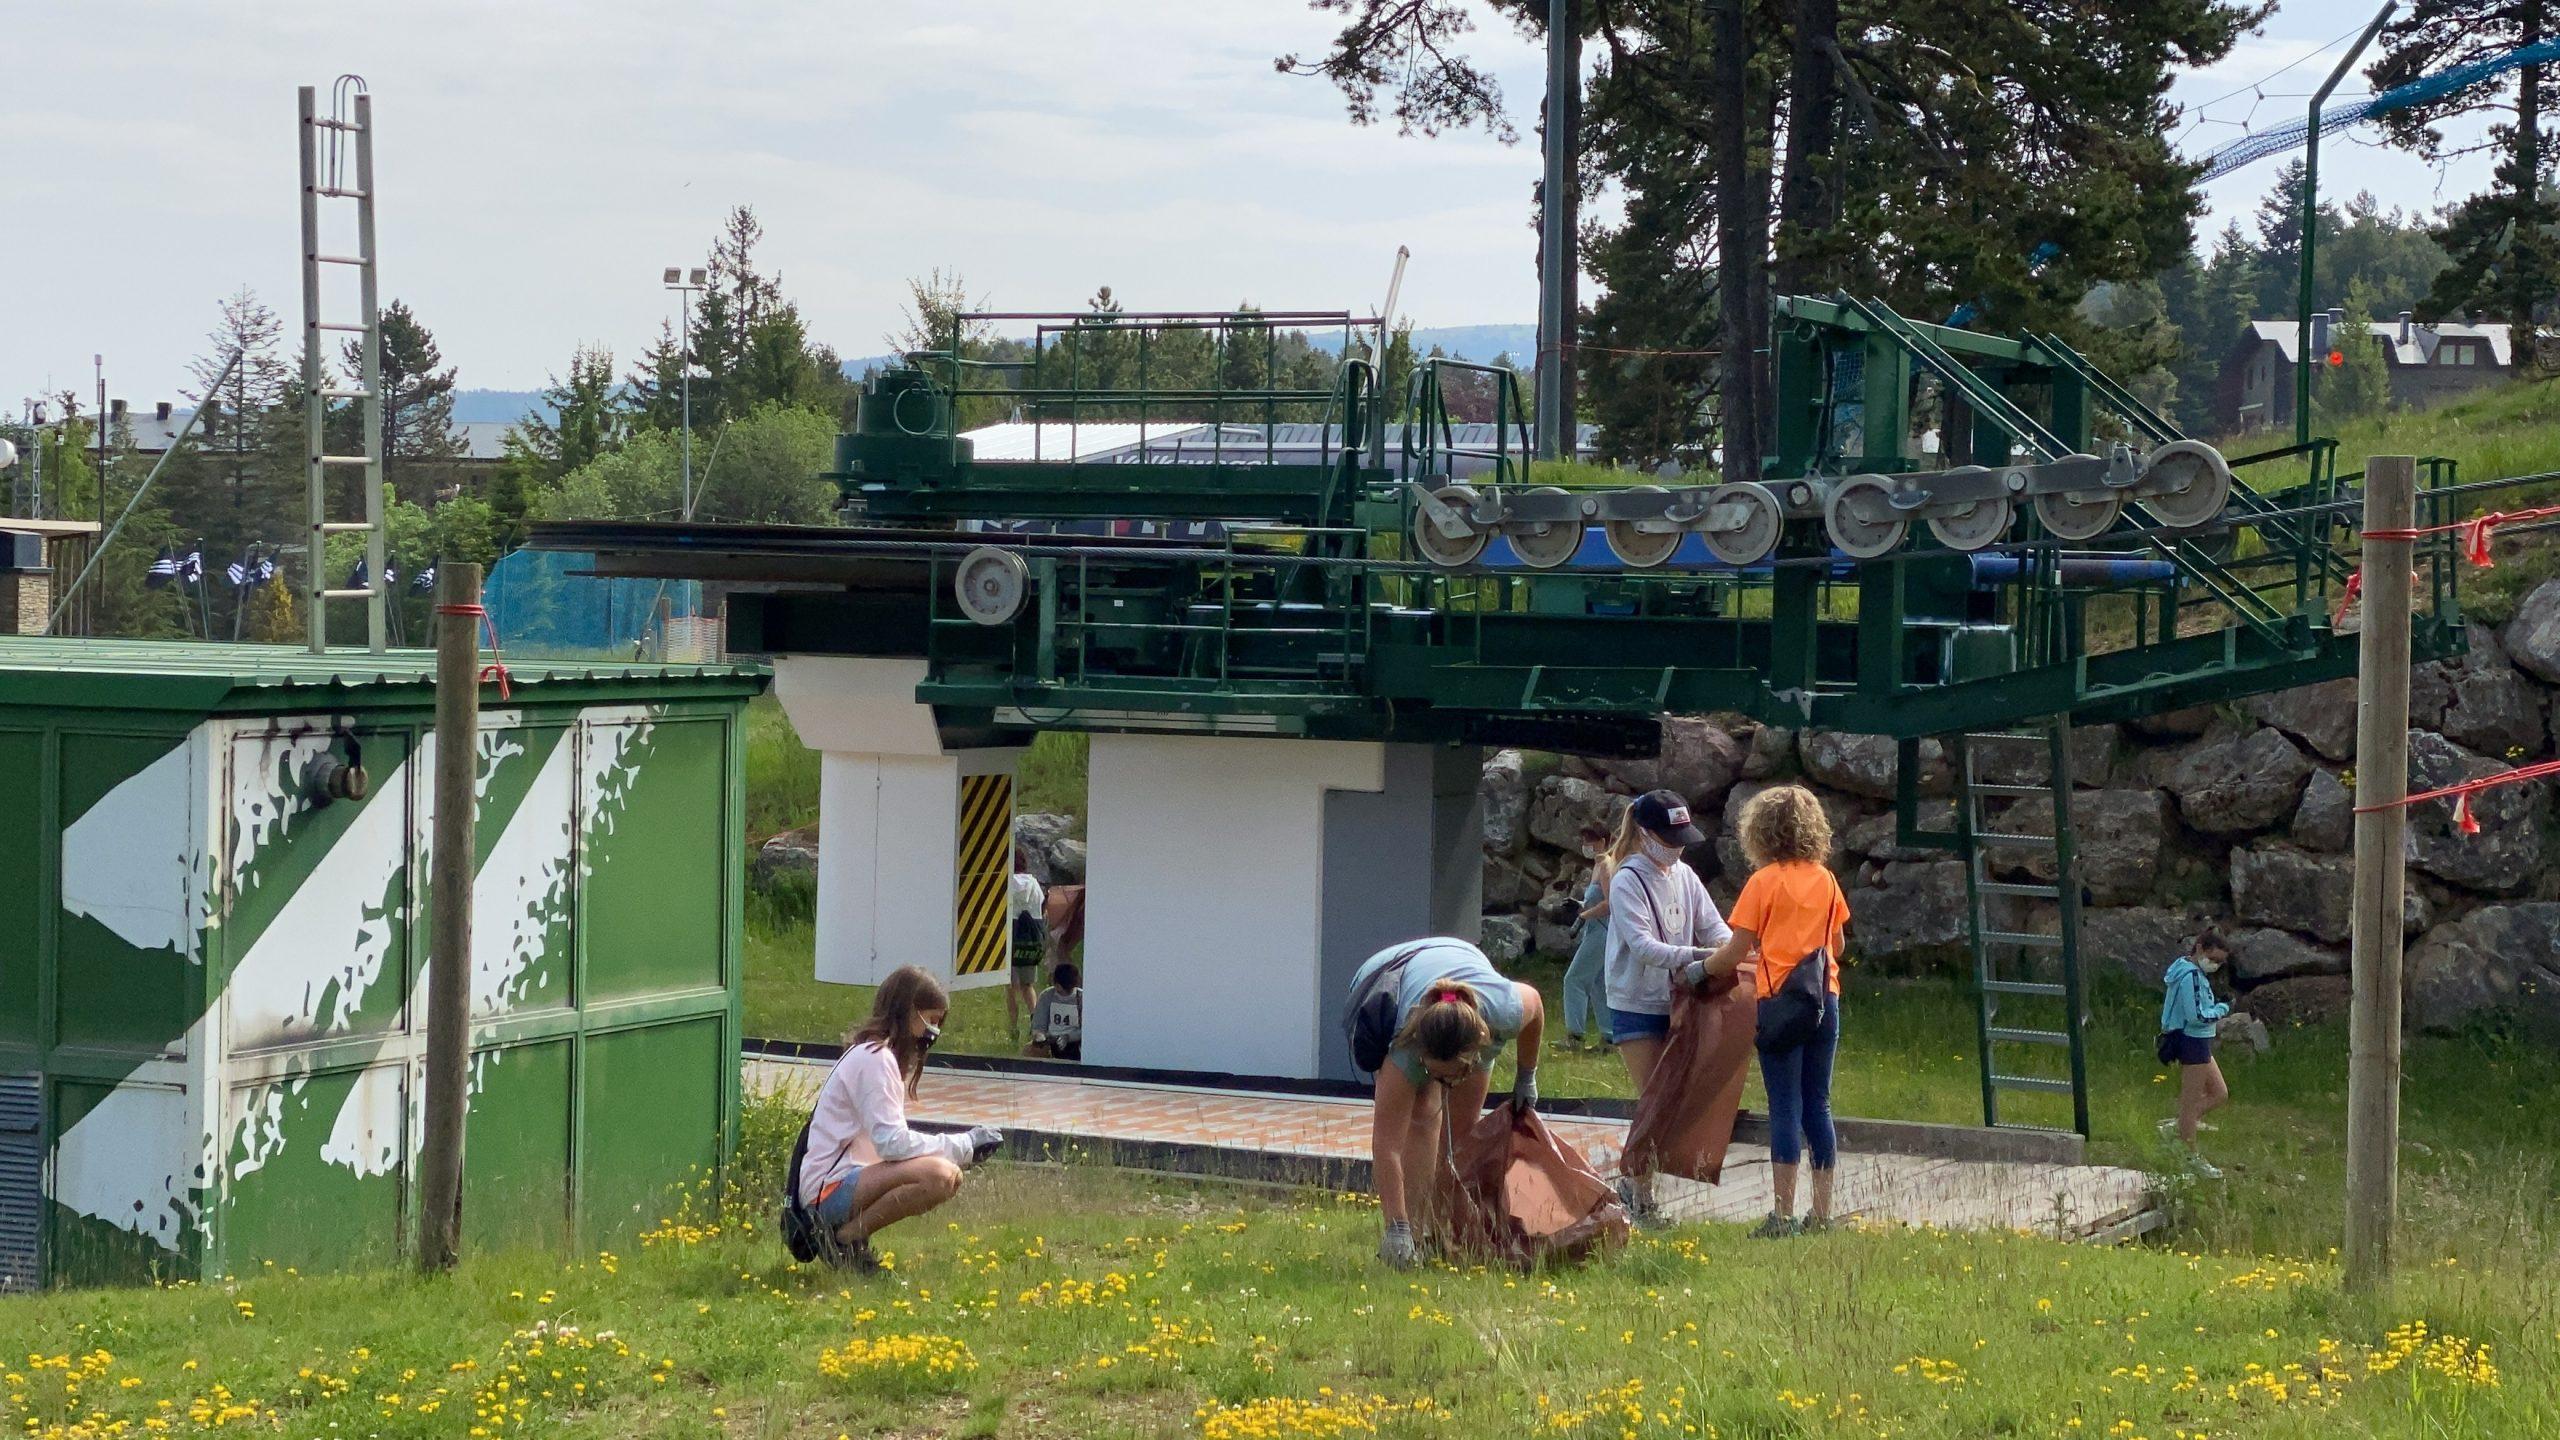 Alumnes de l'Escola Bac de Cerdanya d'Alp recollint residus a l'entorn d'un remuntador de l'estació de La Molina | ACN